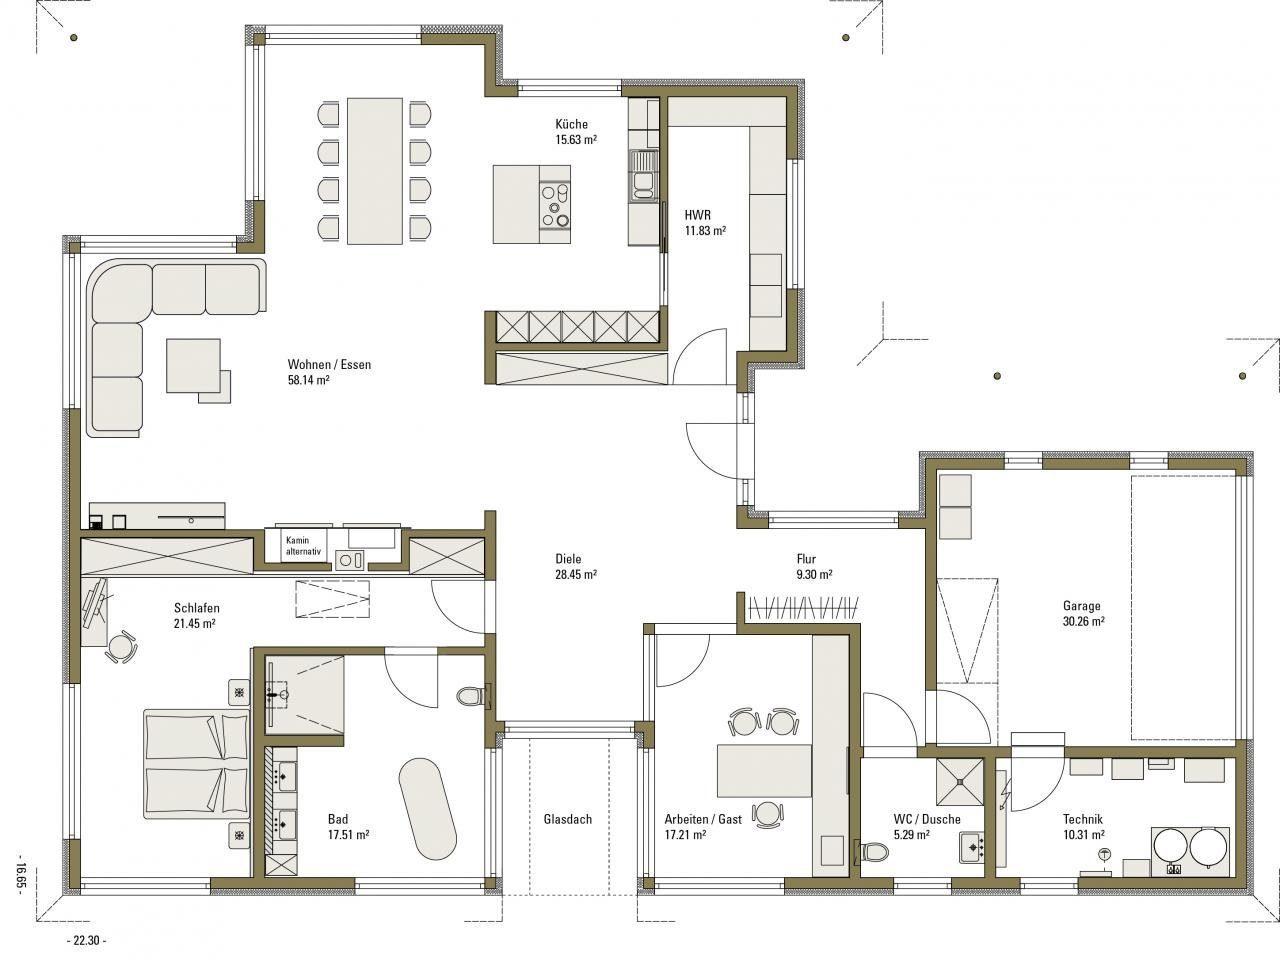 Musterhaus Bungalow Vita - Eine Nahaufnahme von einer Karte - Gebäudeplan